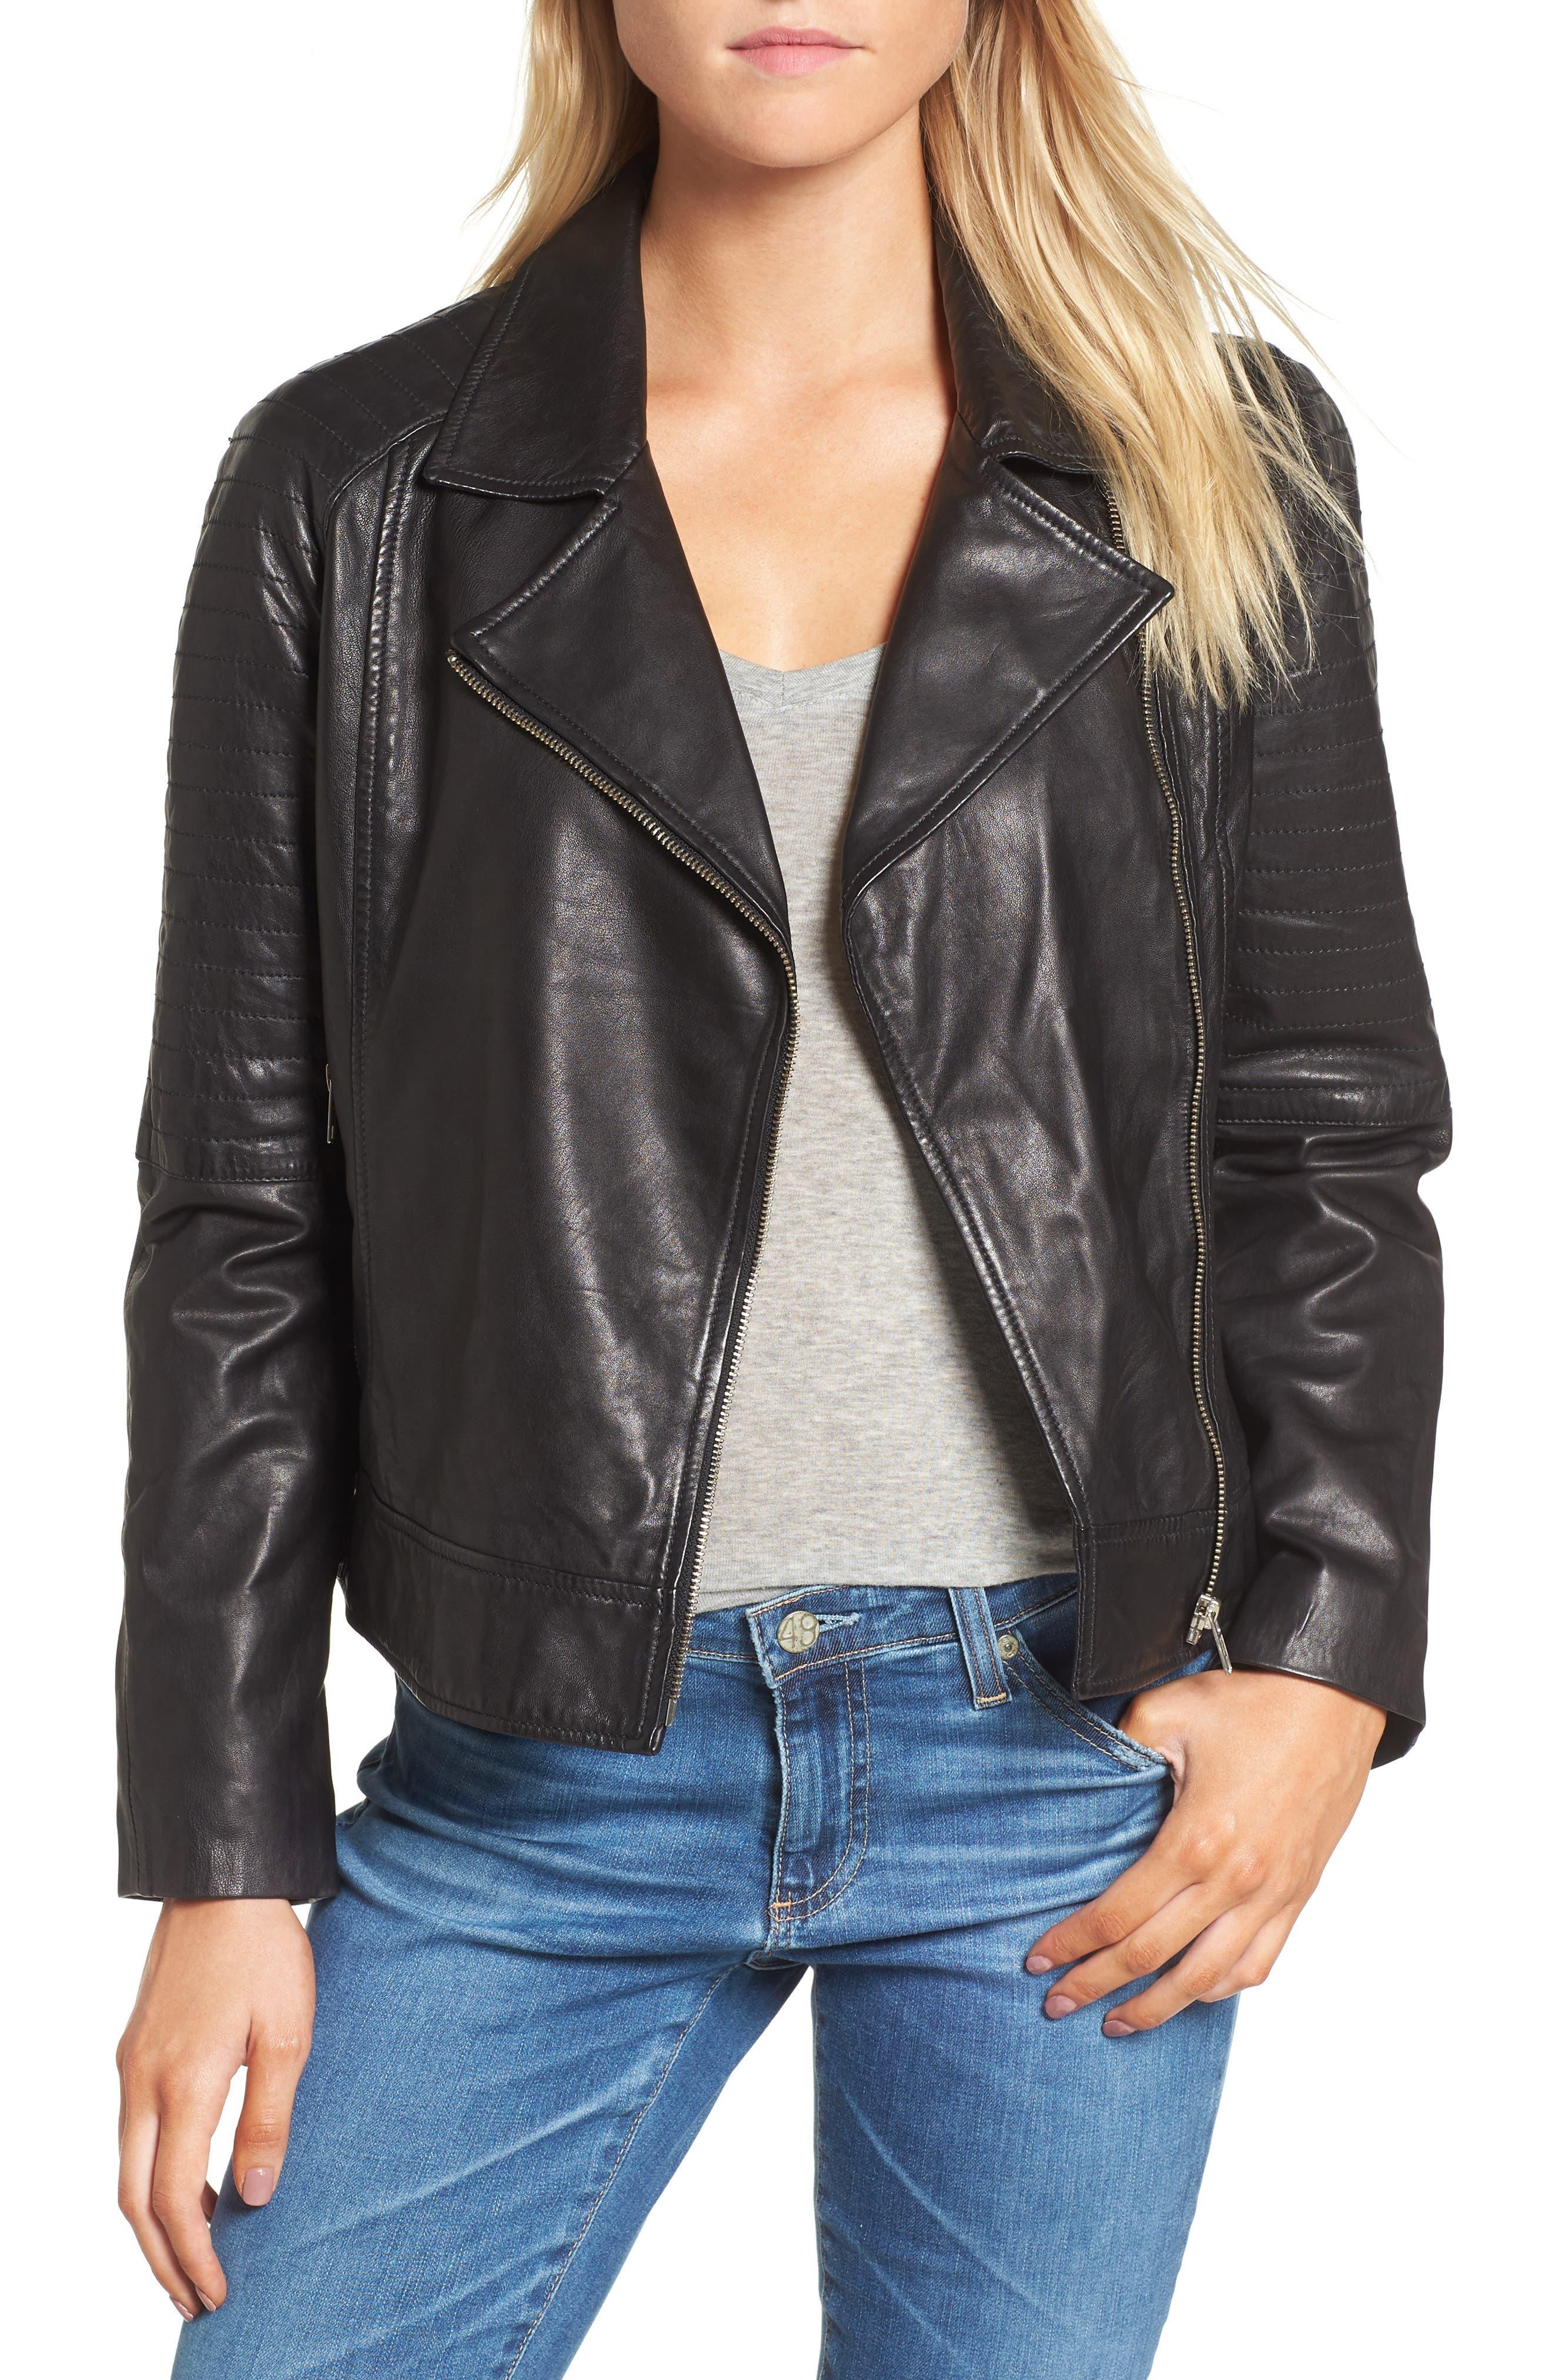 Main Image - BB Dakota Harwick Leather Moto Jacket